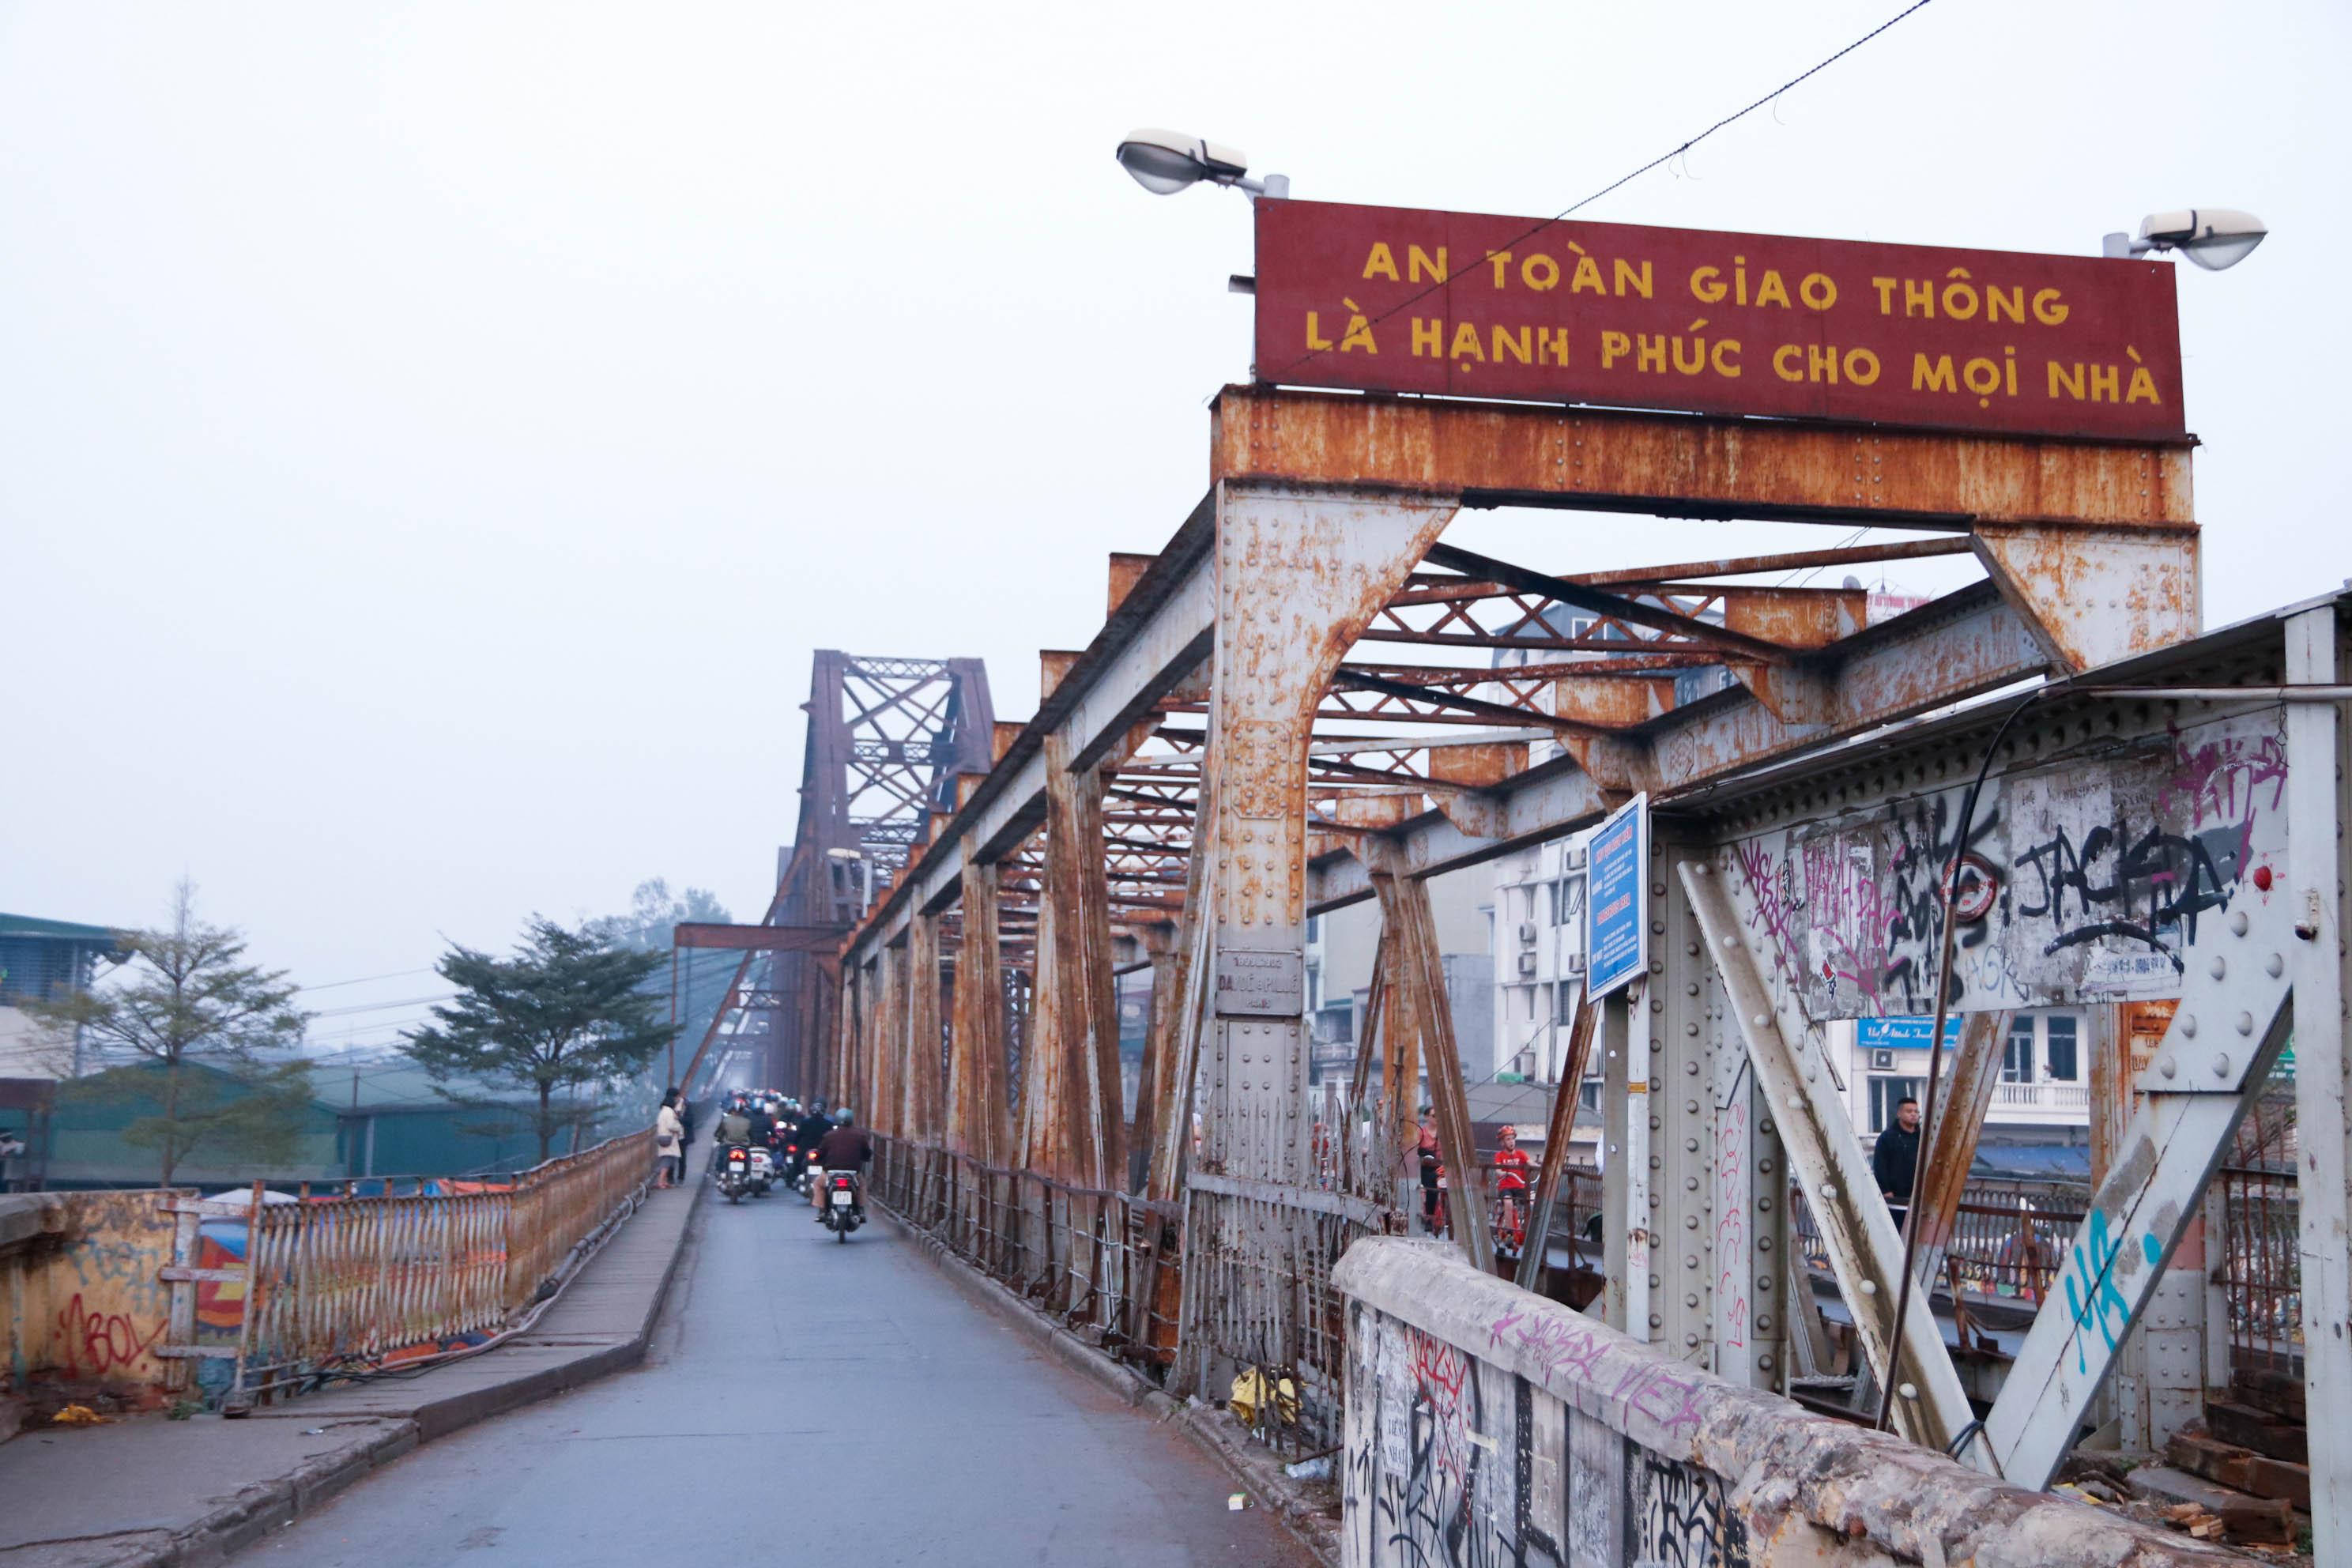 Cầu Long Biên xuống cấp đến không ngờ, mặt đường bị cày xới khiến người dân đi lại gặp nhiều khó khăn - Ảnh 1.